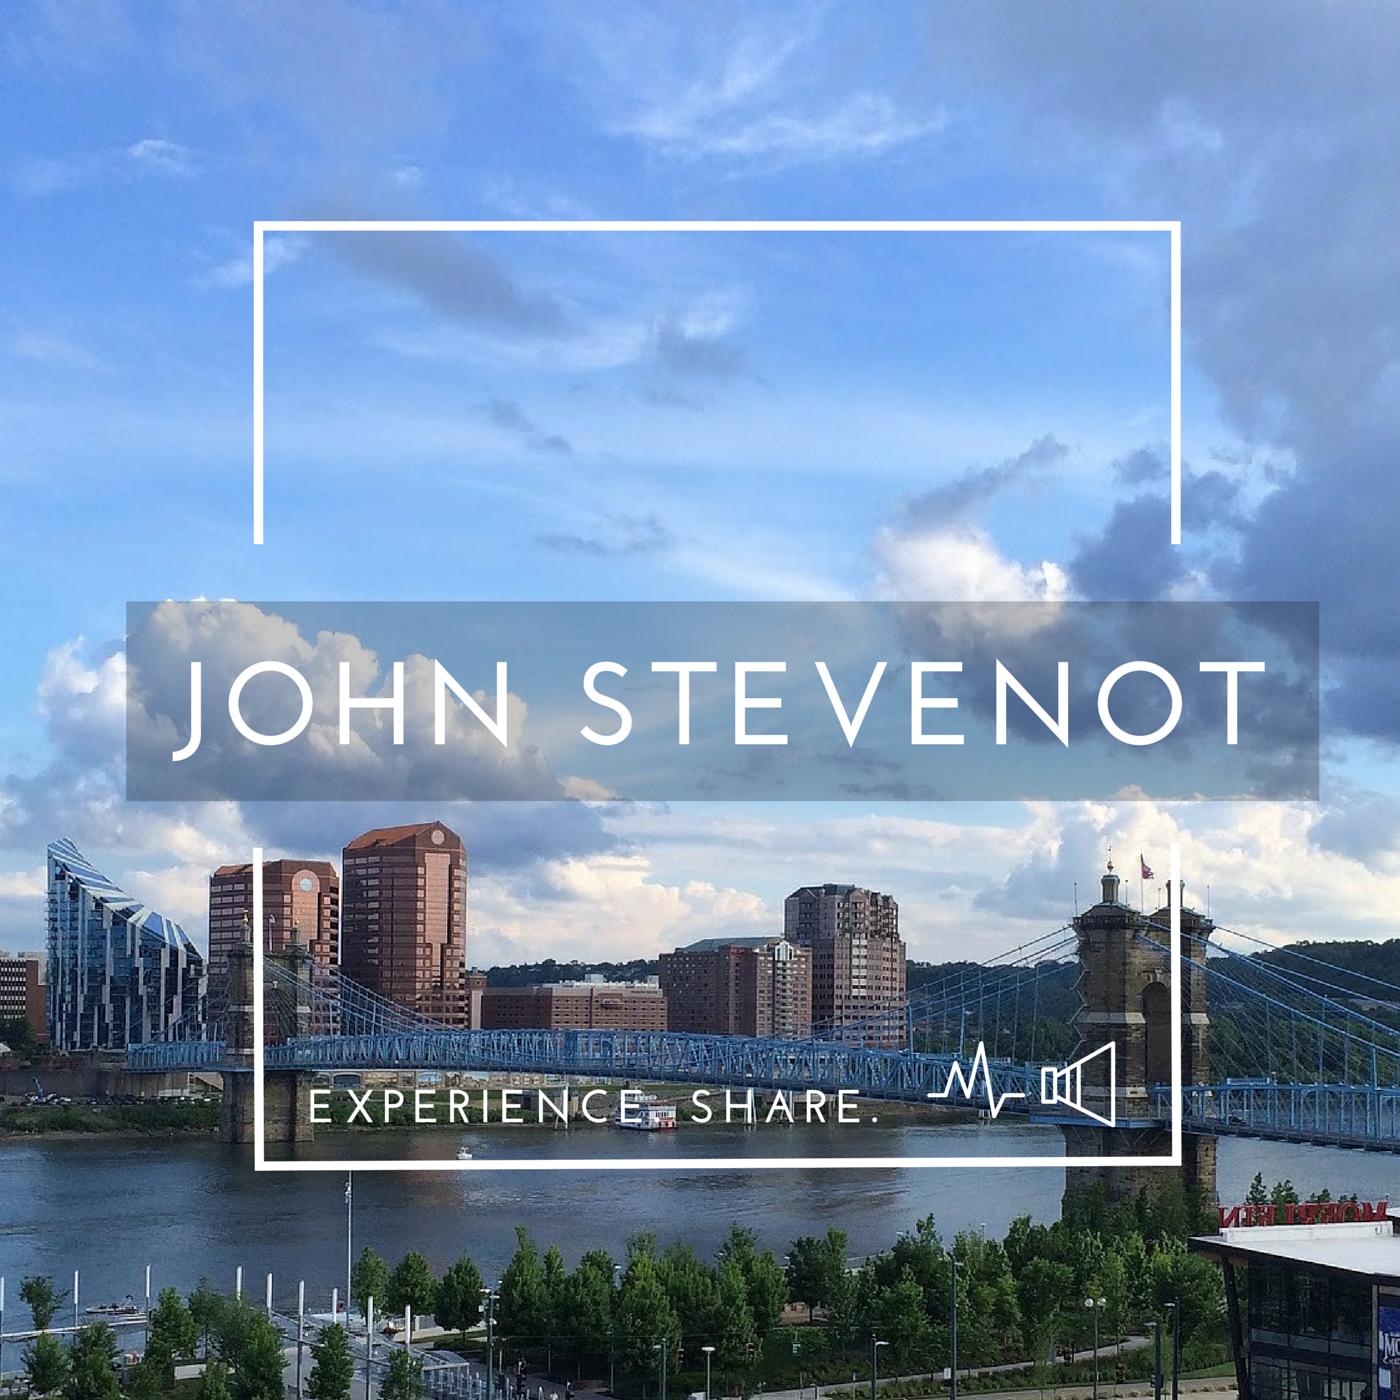 John Stevenot